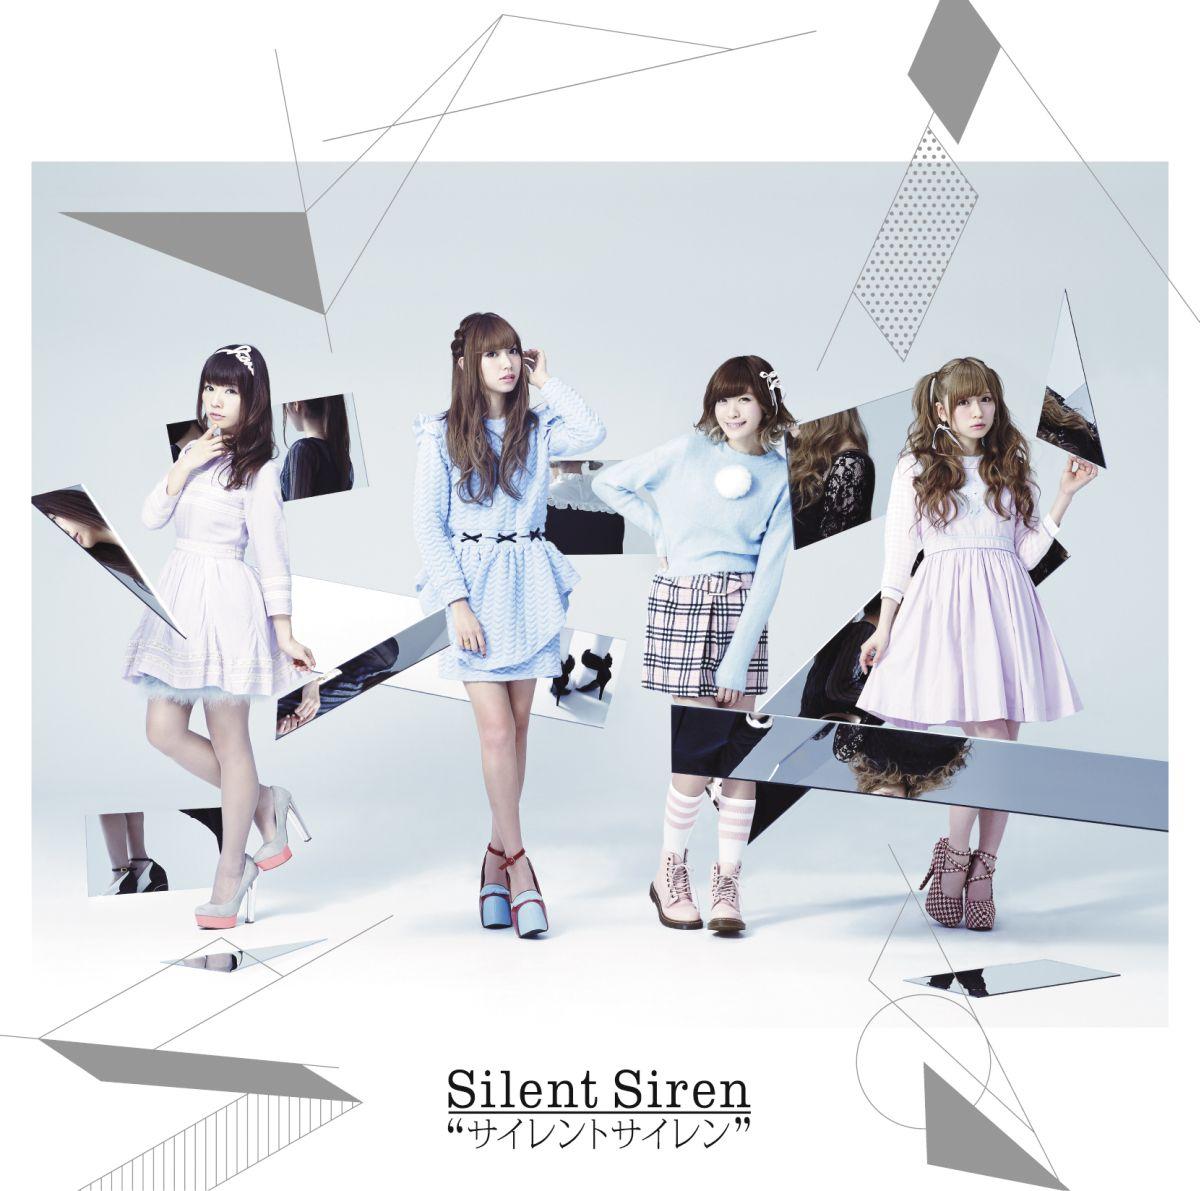 silent siren 3rd album limited